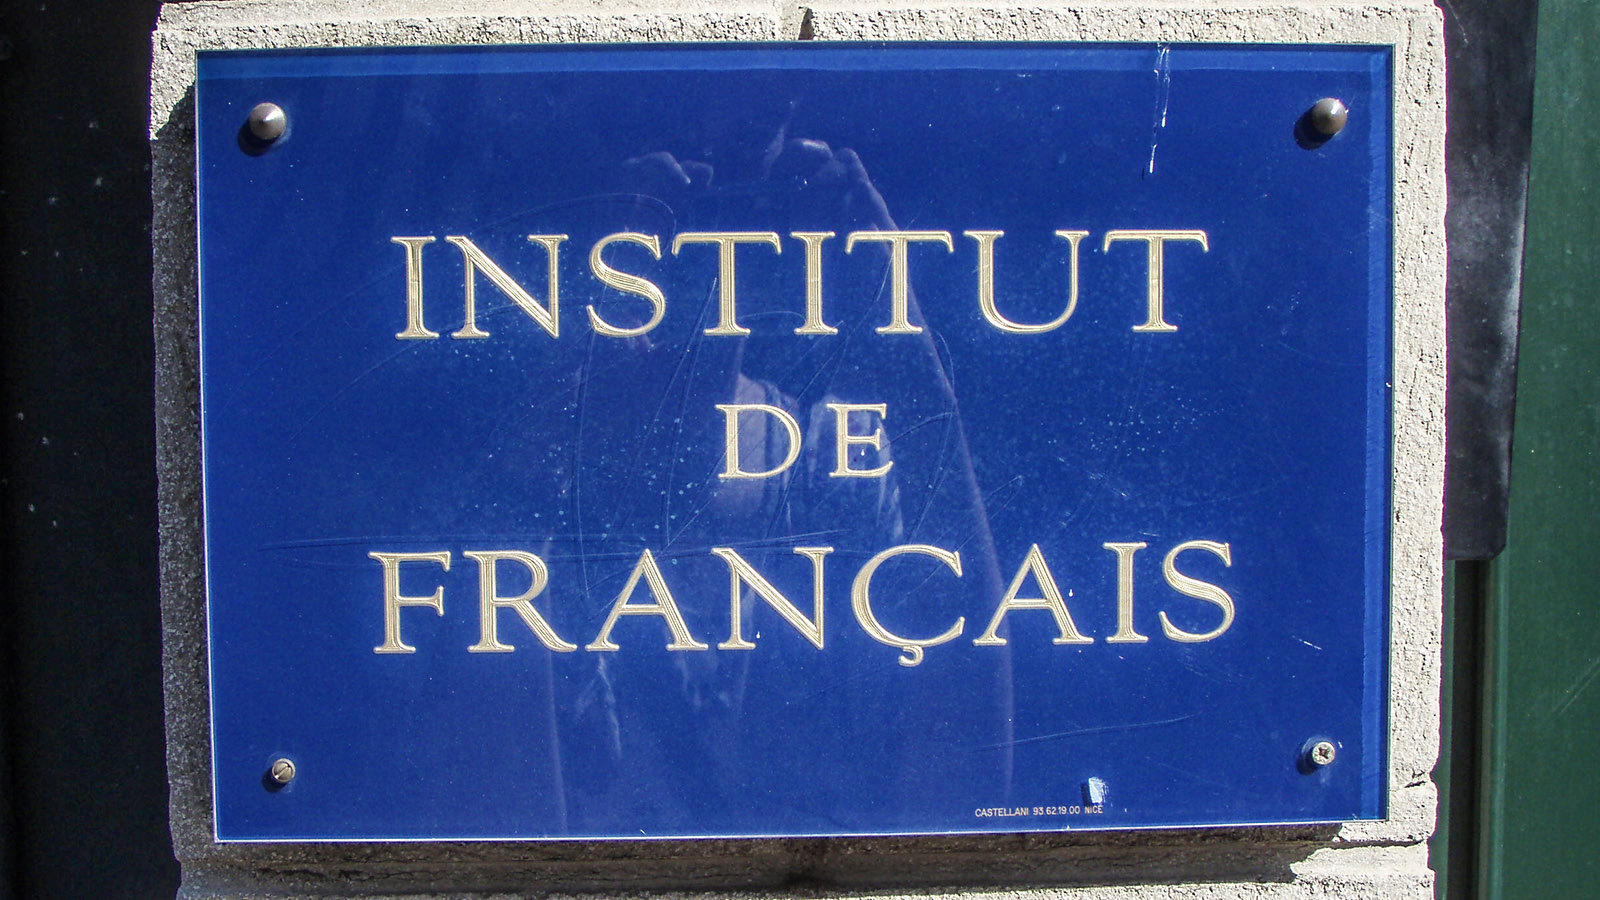 Jmd kennenlernen französisch